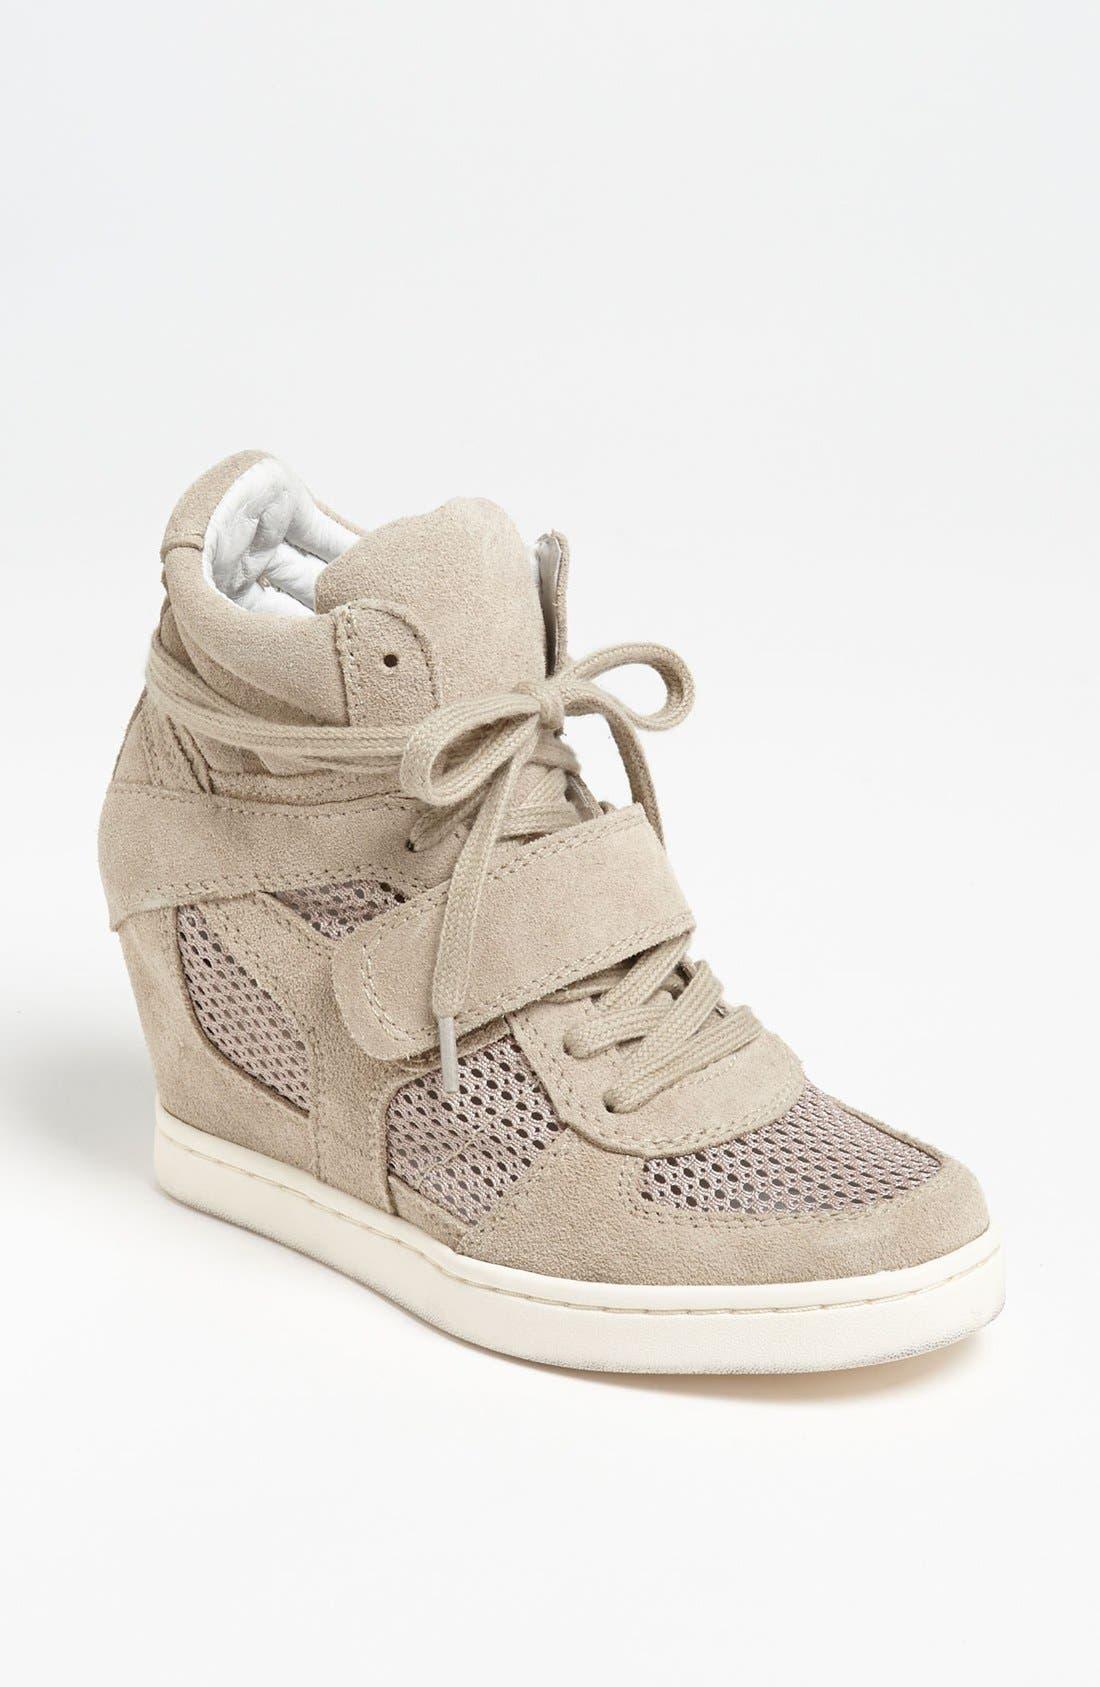 Main Image - Ash 'Cool Mesh' Wedge Sneaker